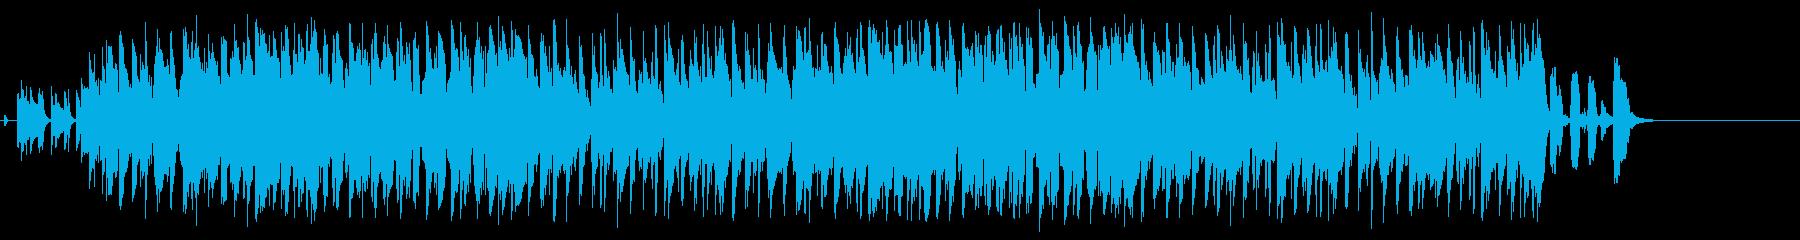 笑顔のピエロのコミカルなジャズポップの再生済みの波形